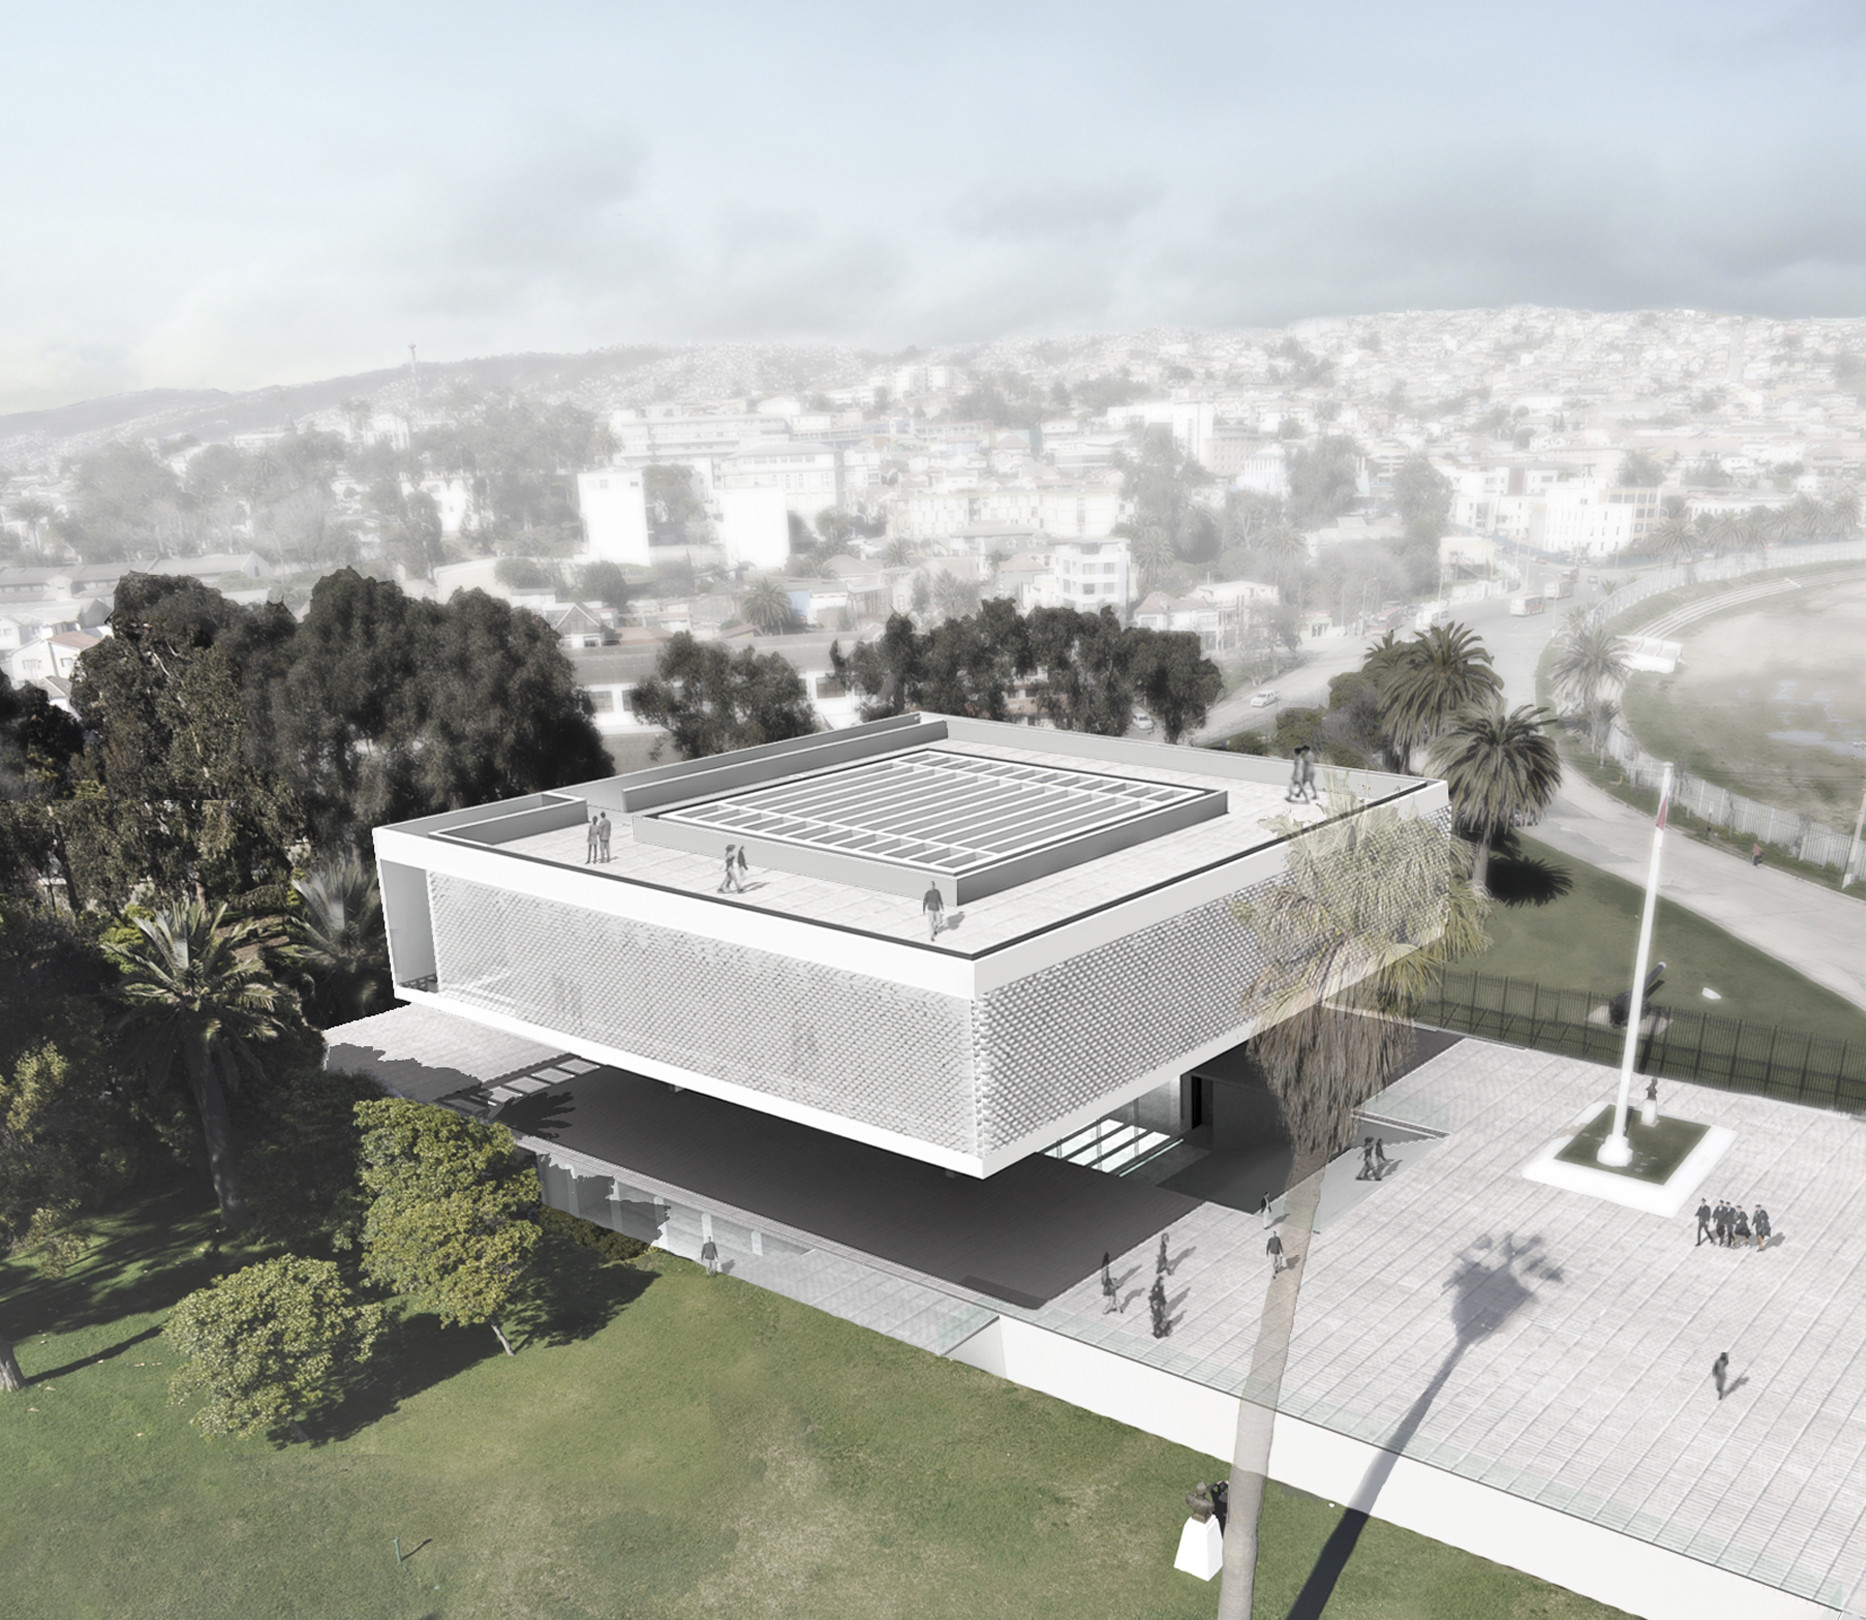 Ganador del concurso aula magna y centro de extensi n for Aulas web arquitectura